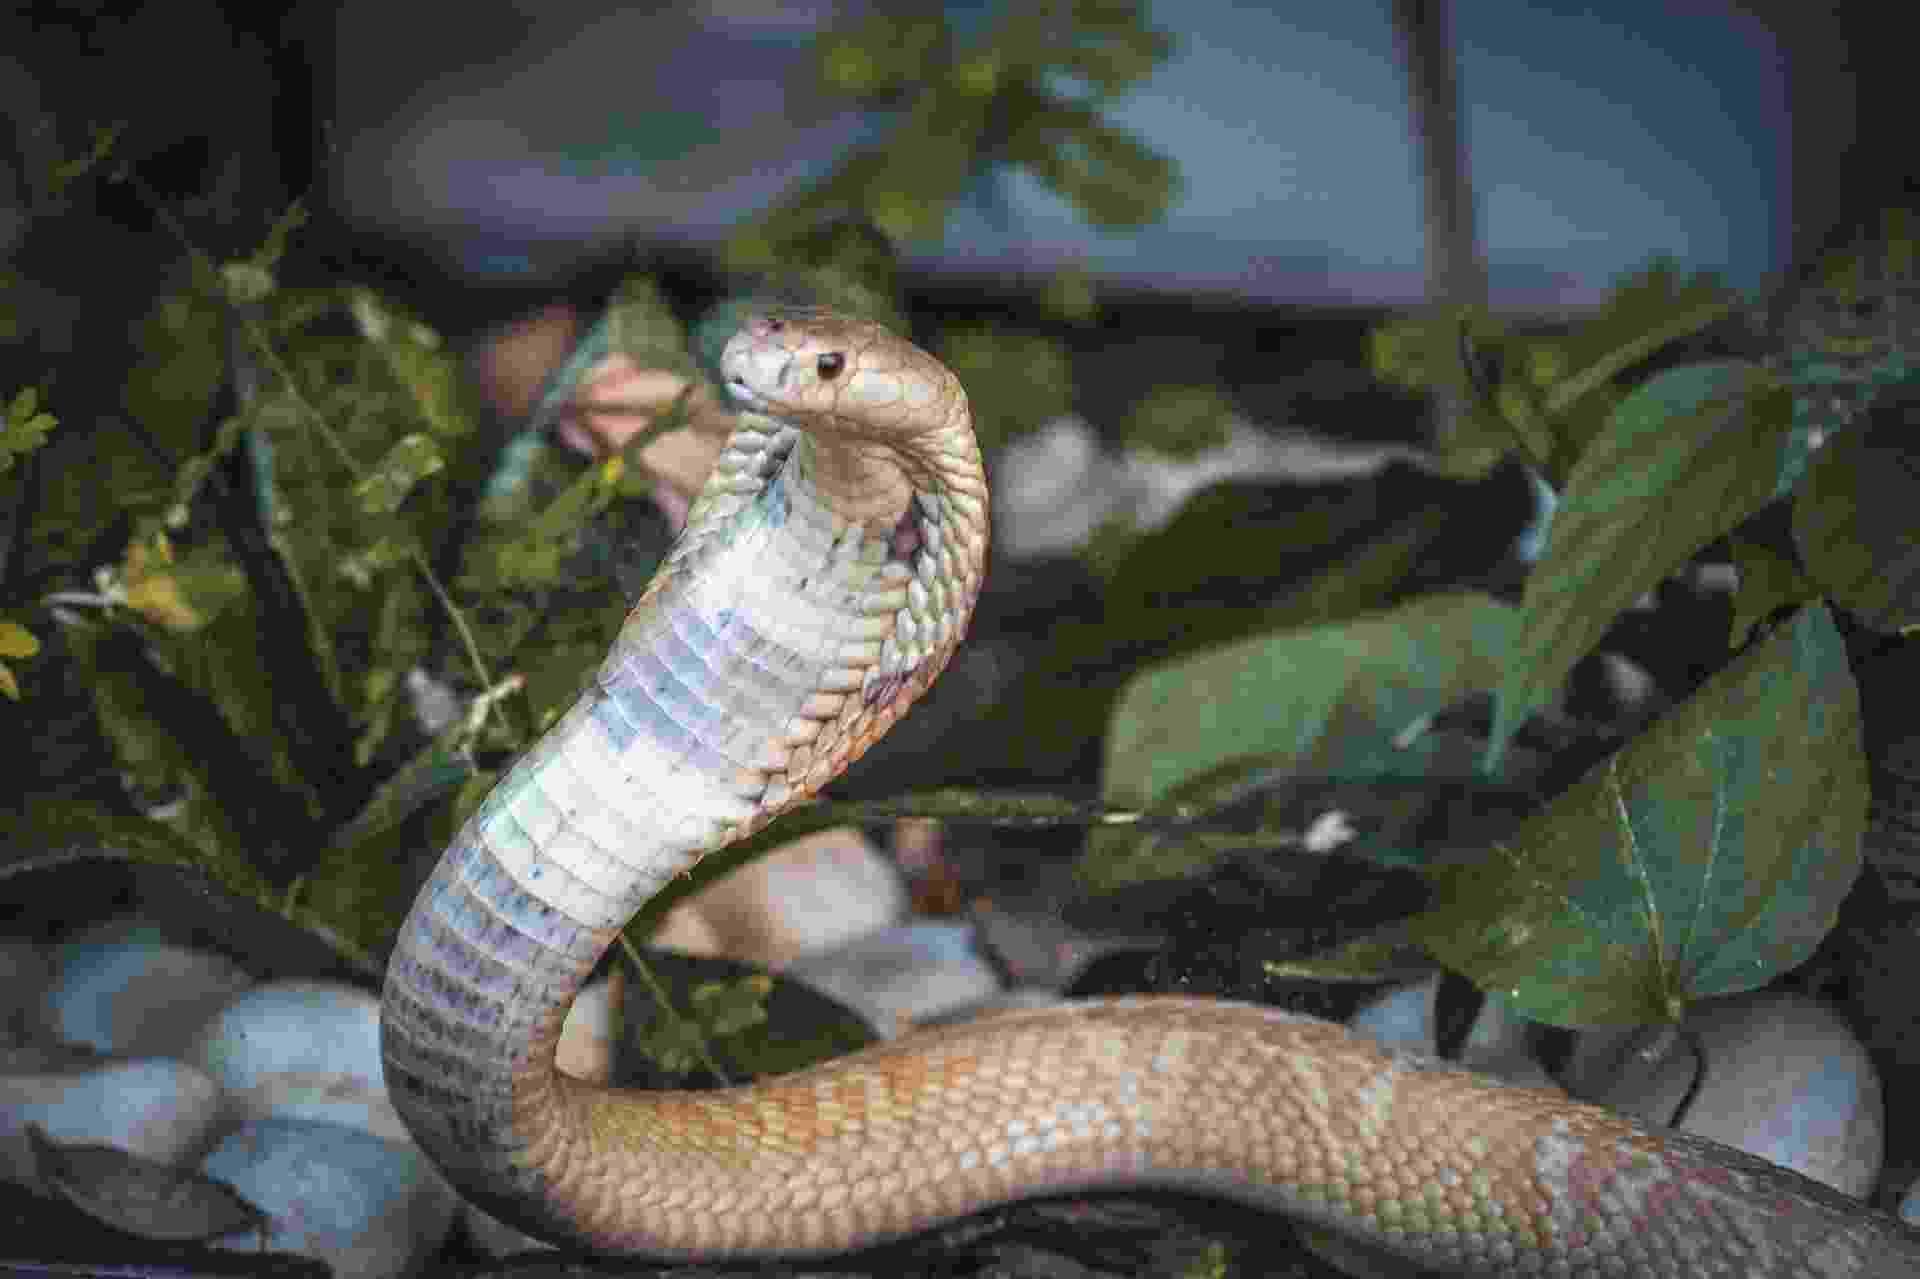 A cobra naja que picou o estudante de veterinária Pedro Henrique Santos Krambeck Lehmkul, de 22 anos, na última terça-feira, ganhou hoje um ensaio fotográfico no Zoológico de Brasília - Ivan Mattos/Zoológico de Brasília